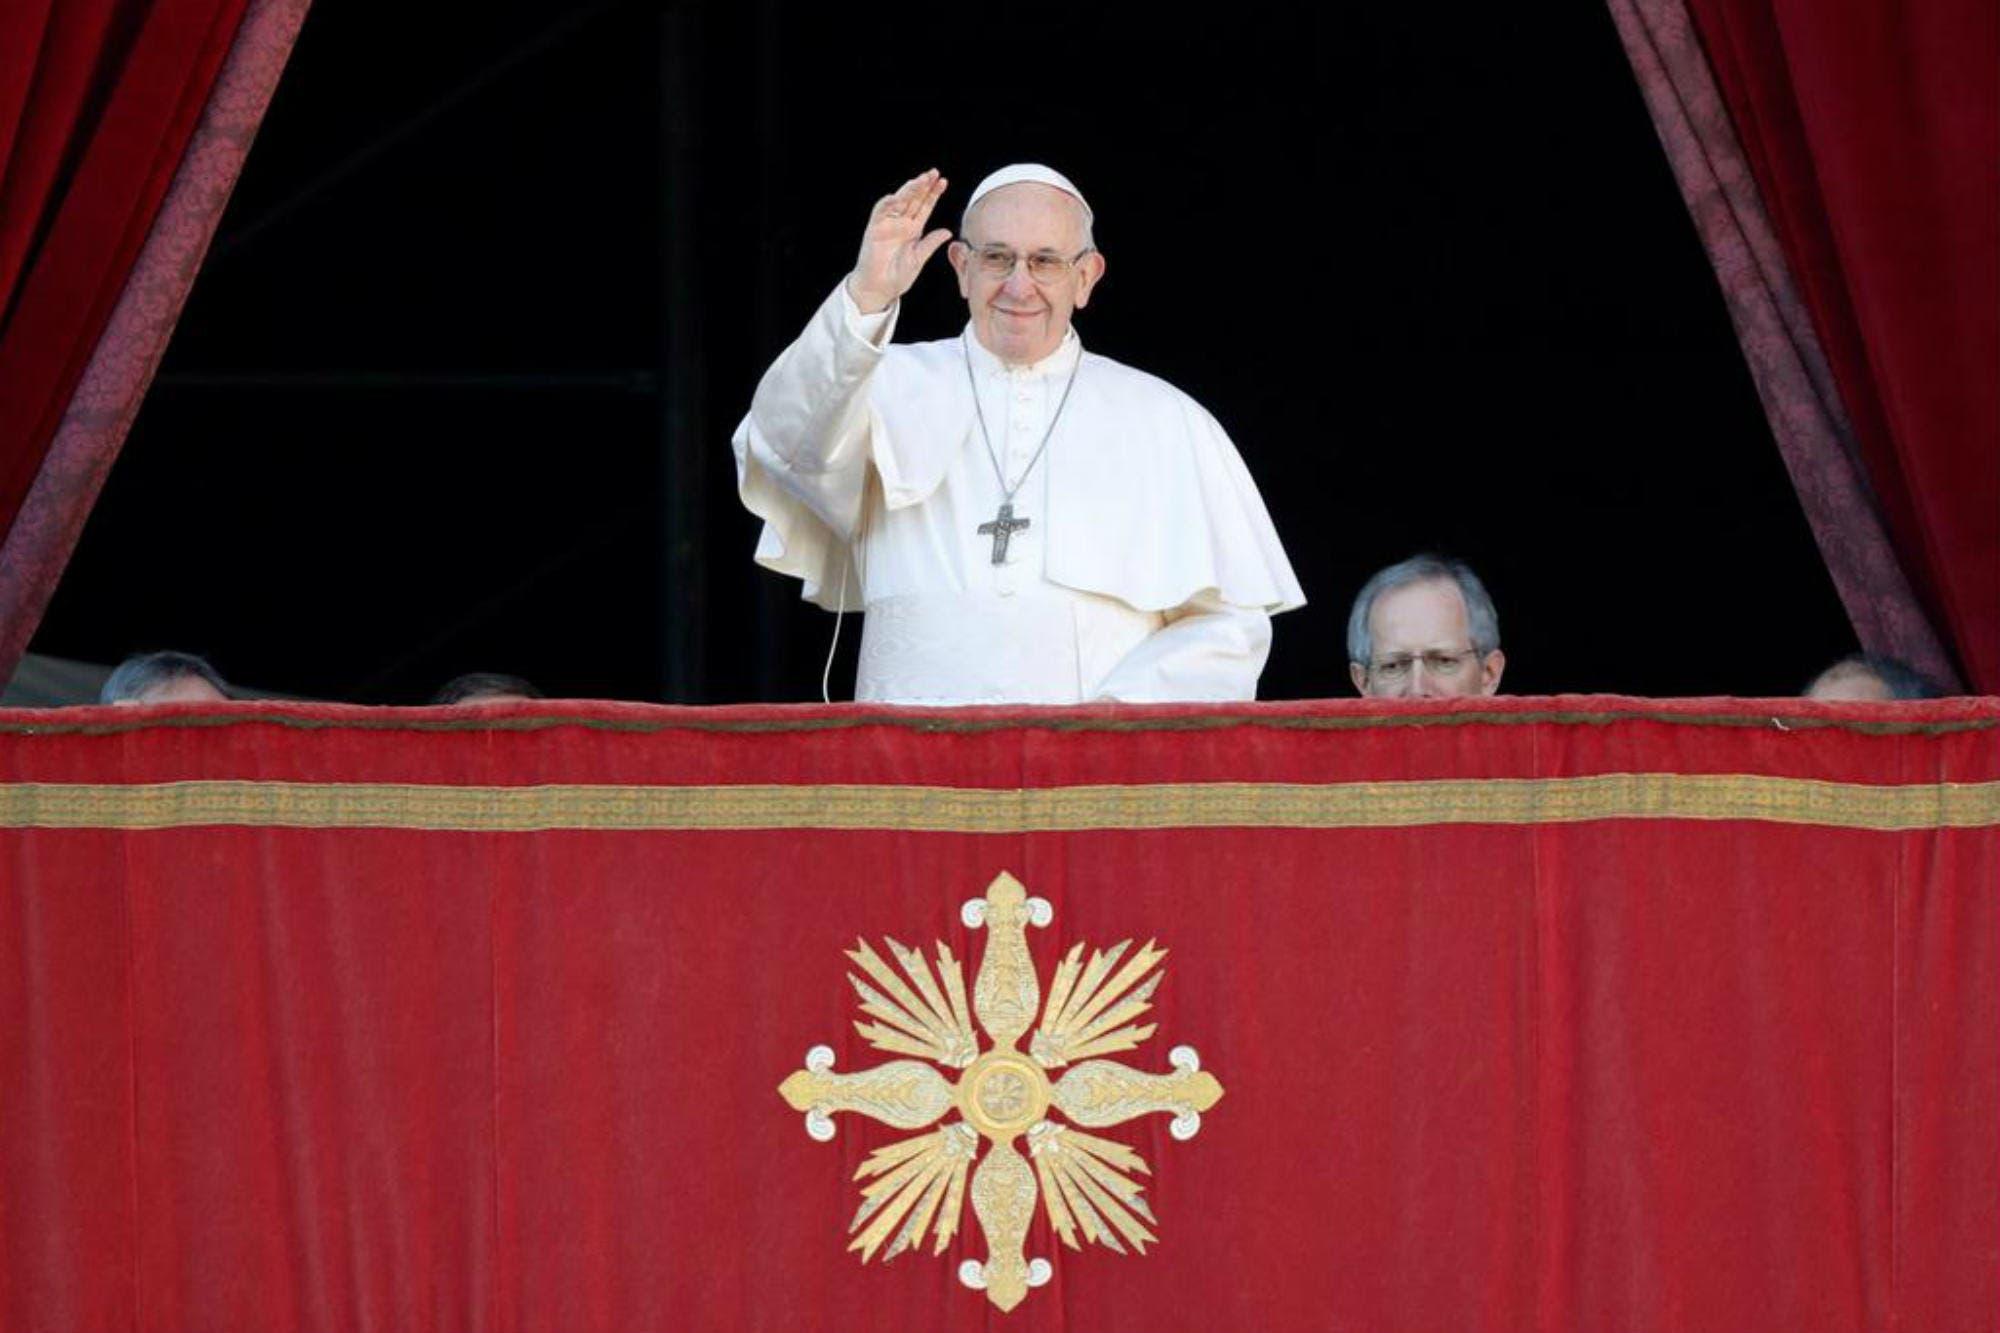 20 expresidentes latinoamericanos expresaron su preocupación al Papa por su mensaje navideño sobre Venezuela y Nicaragua